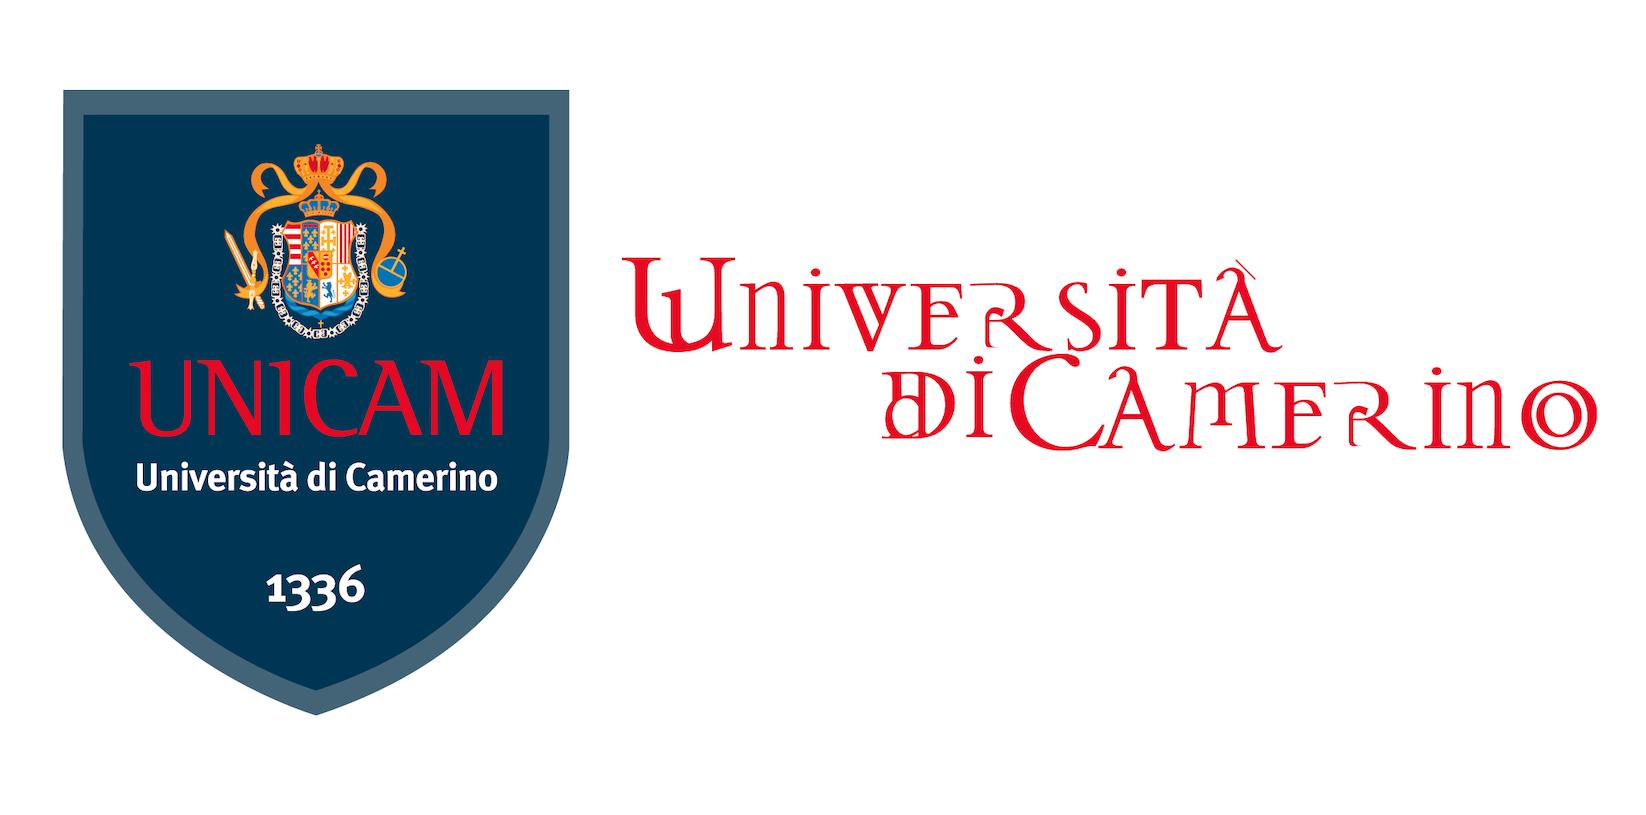 Universita di Camerino